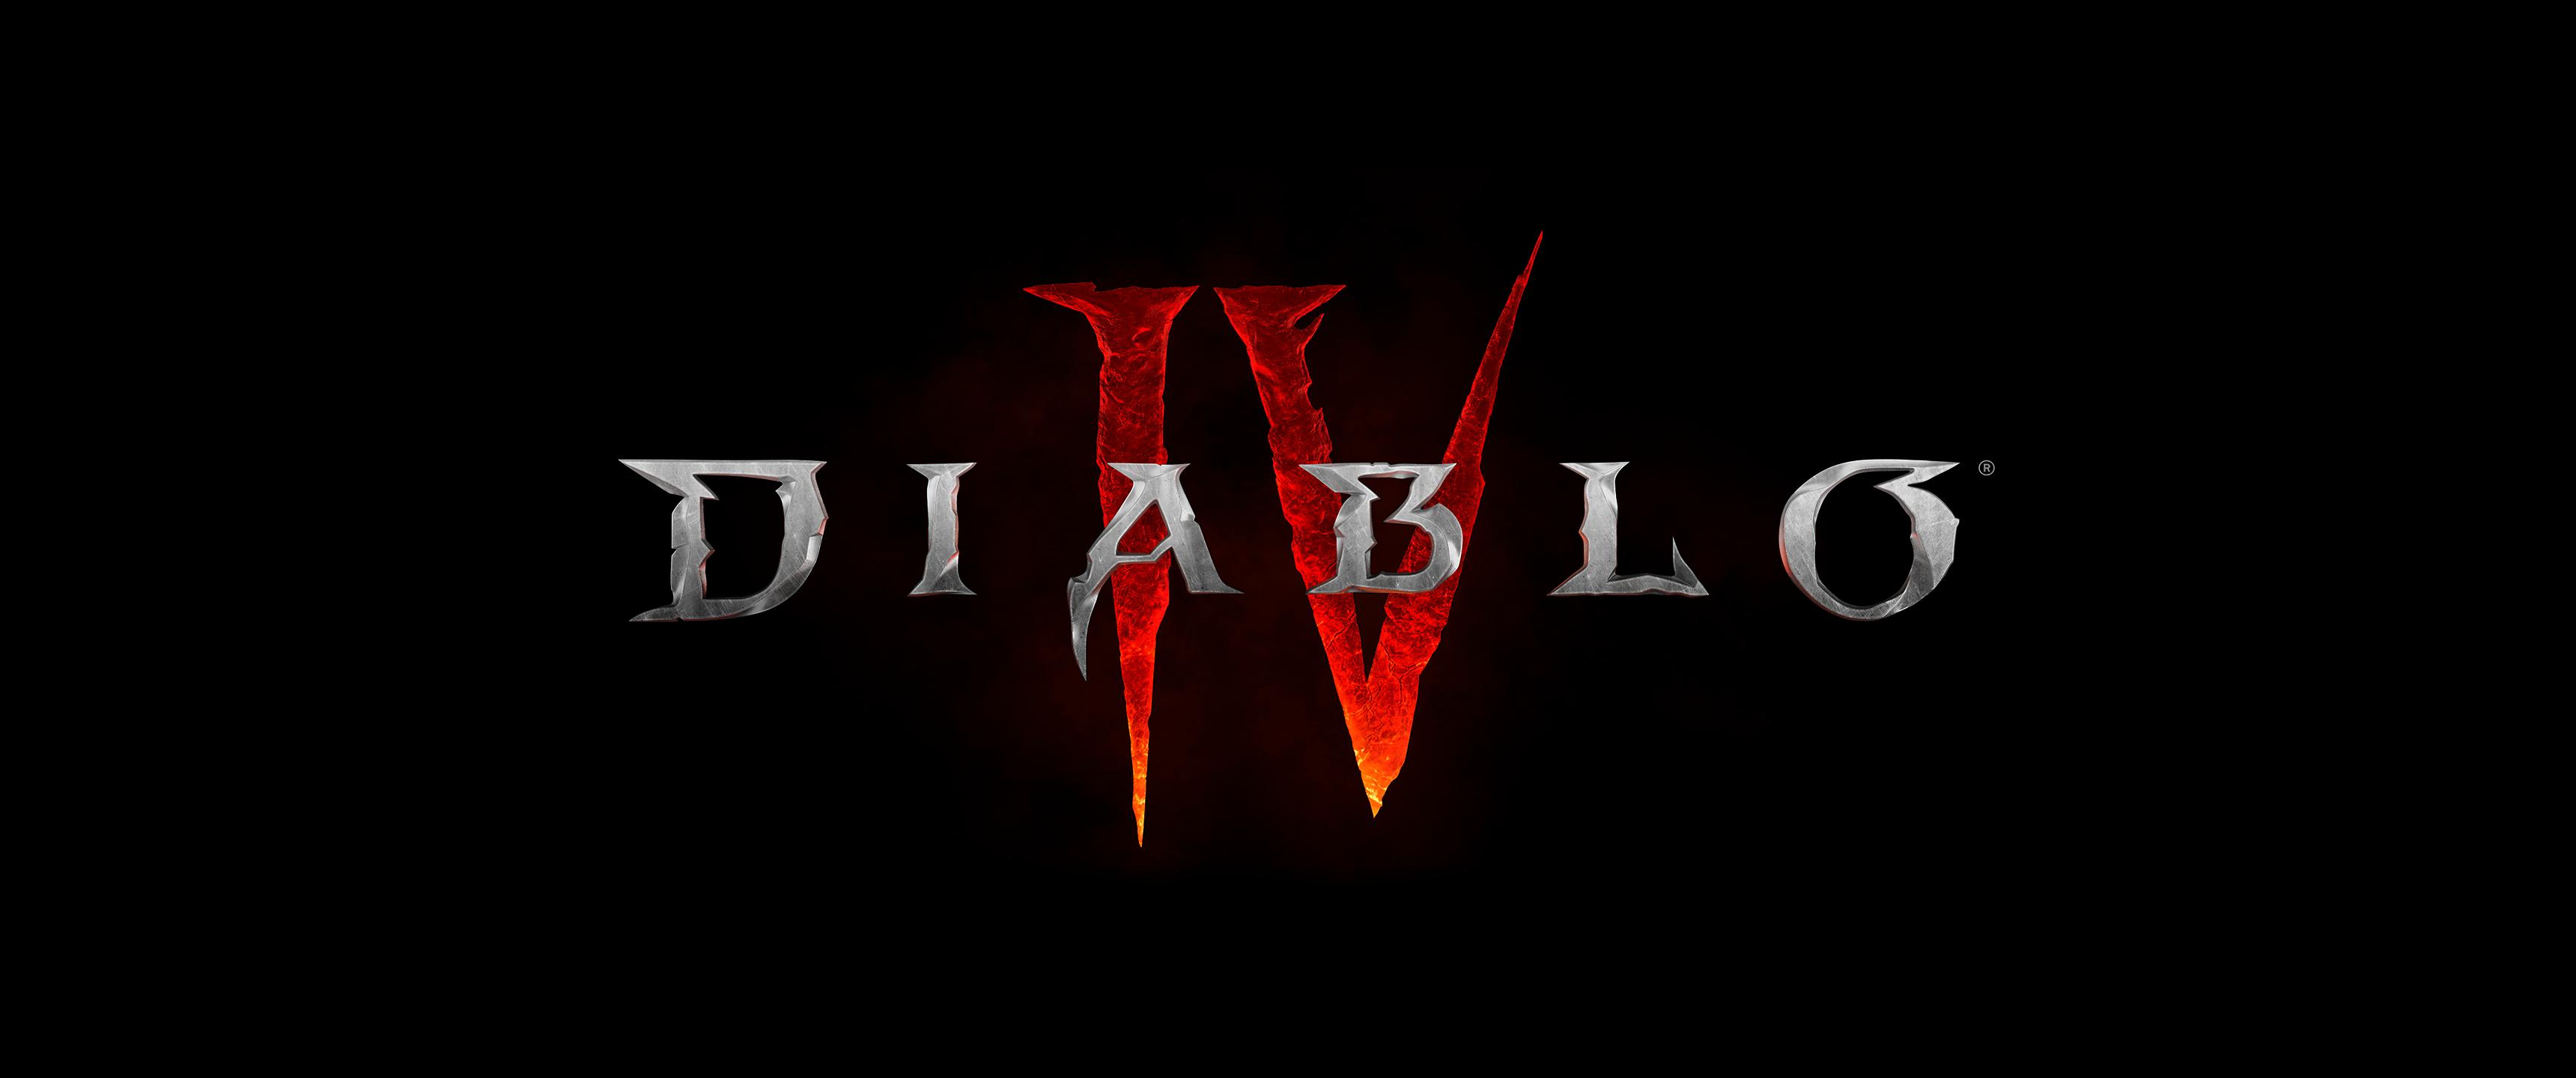 Wallpaper Diablo 4 Diablo Diablo Iv 3440x1440 Syaosh 1691849 Hd Wallpapers Wallhere